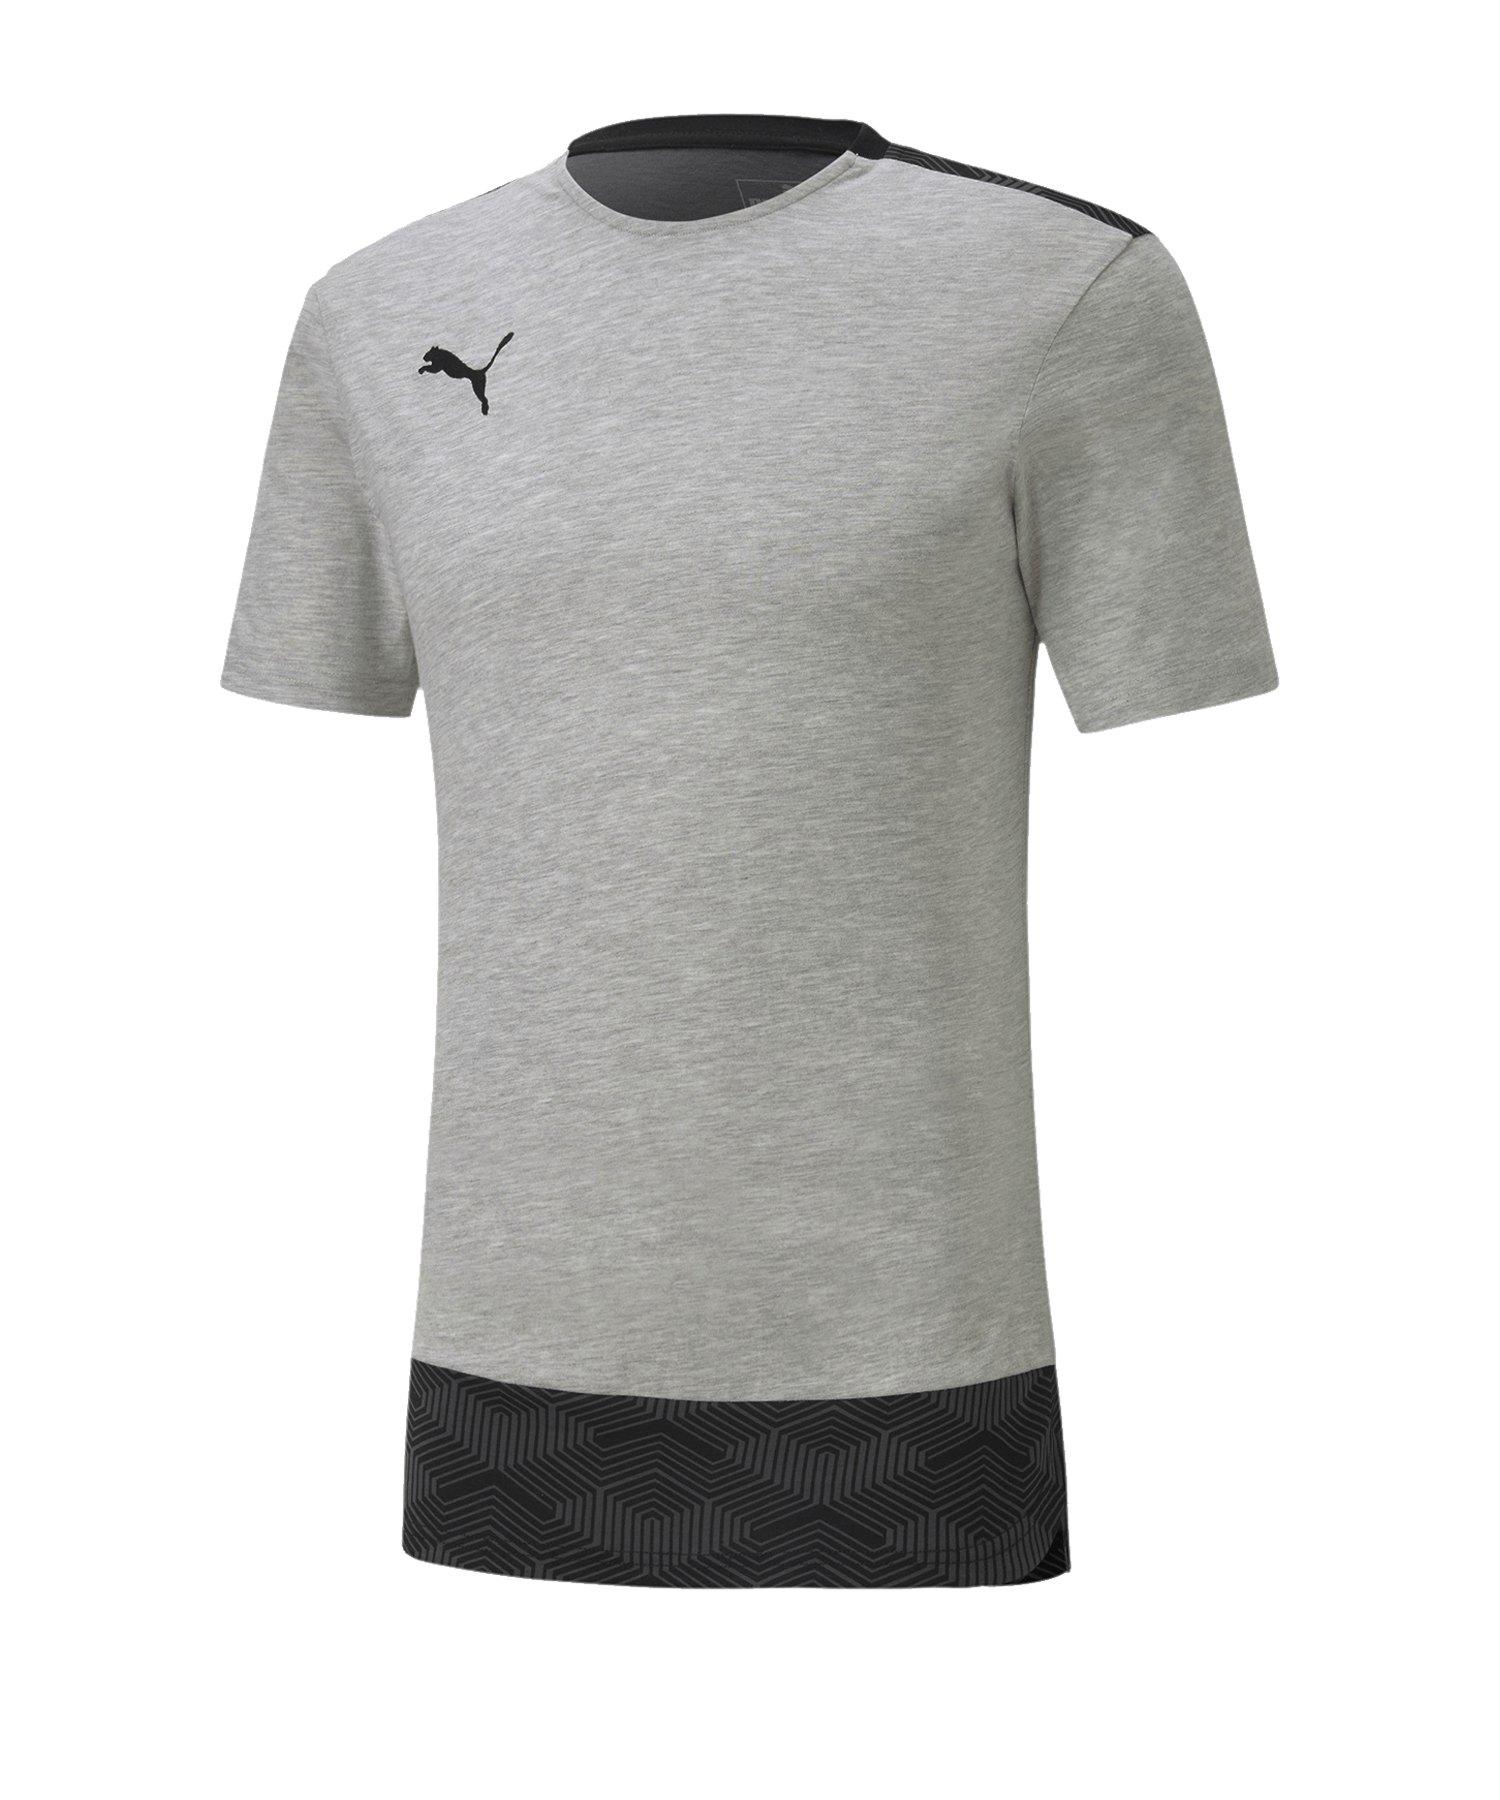 PUMA teamFINAL 21 Casuals Tee T-Shirt Grau F37 - grau